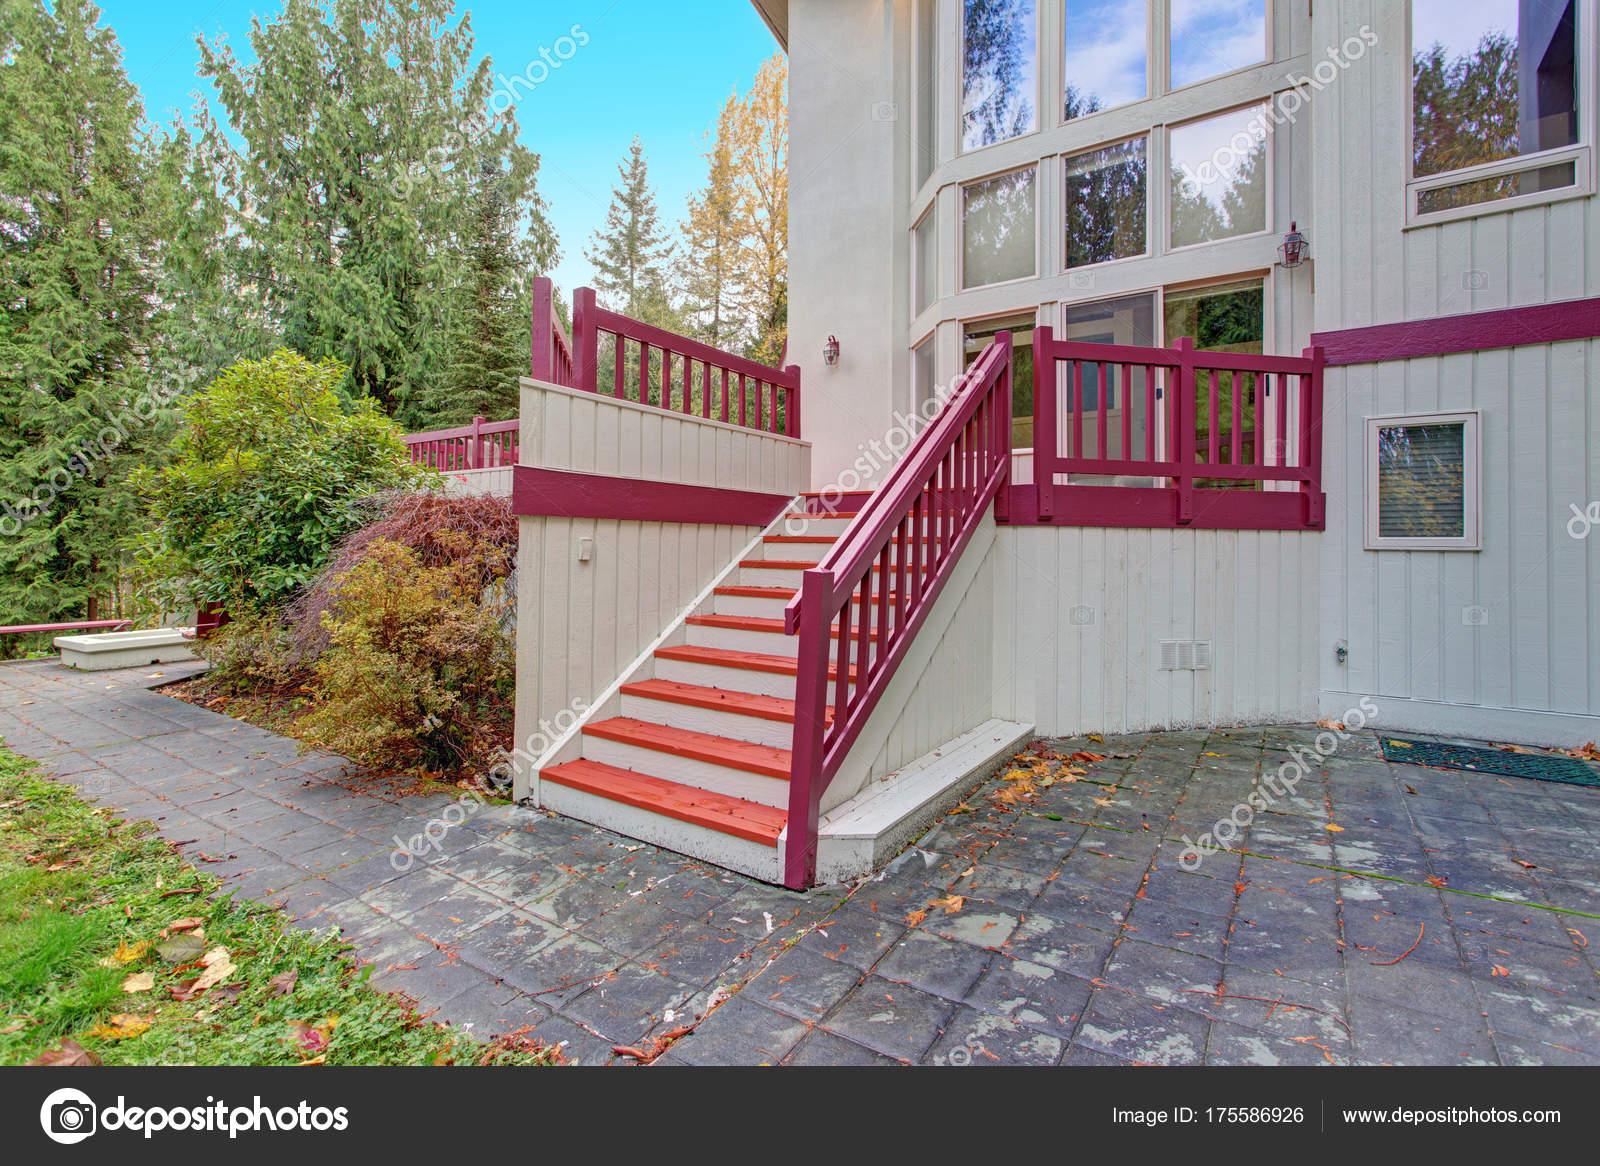 Esterno Di Una Casa : Esterno di una casa di lusso visualizzazione di una scala u foto